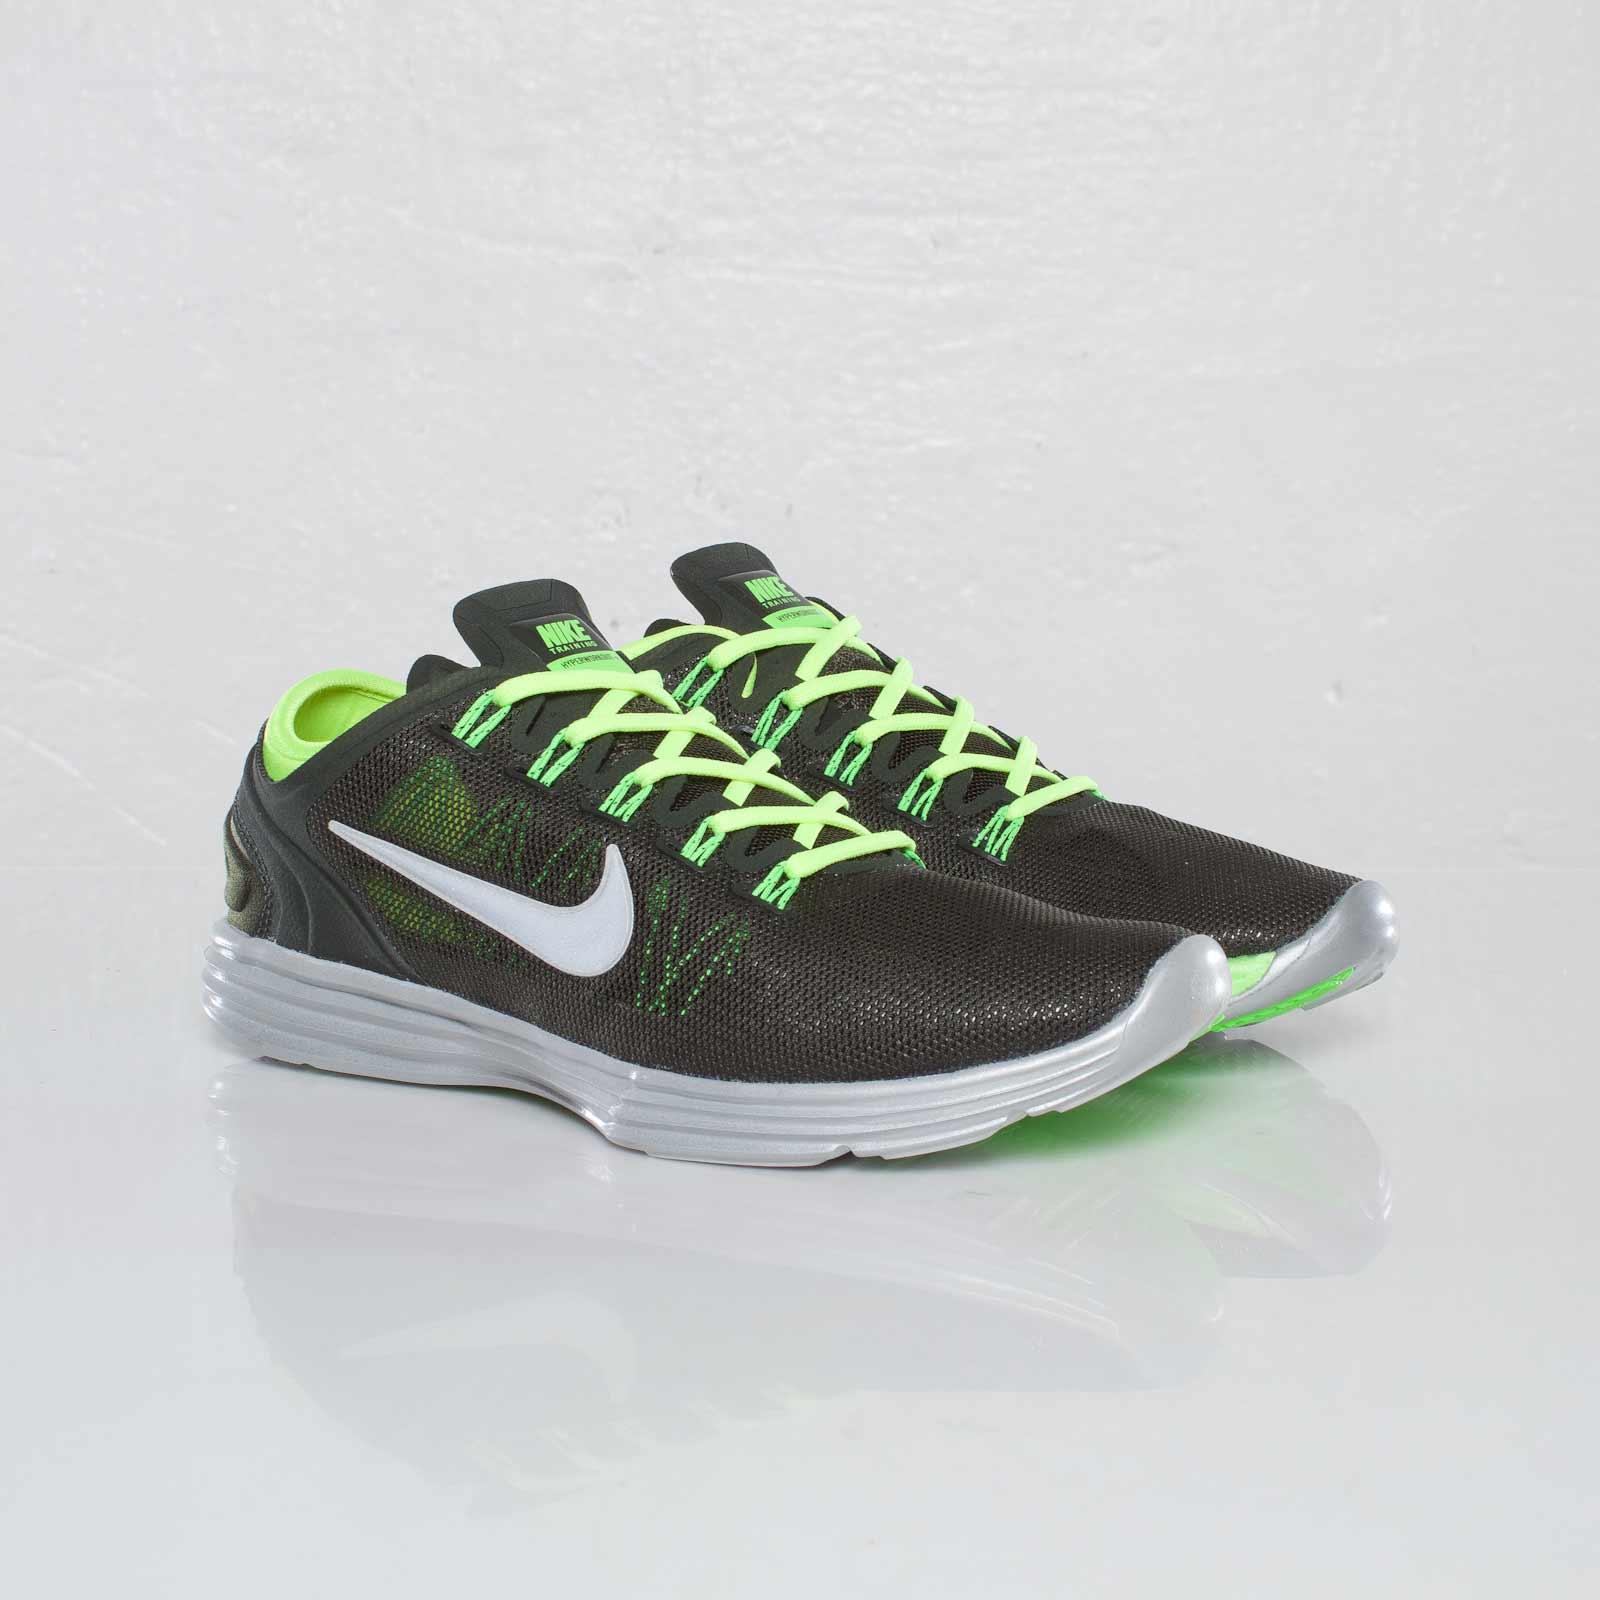 Nike Wmns Lunar HyperWorkout XT+ - 110802 - Sneakersnstuff ... a55ed7765d